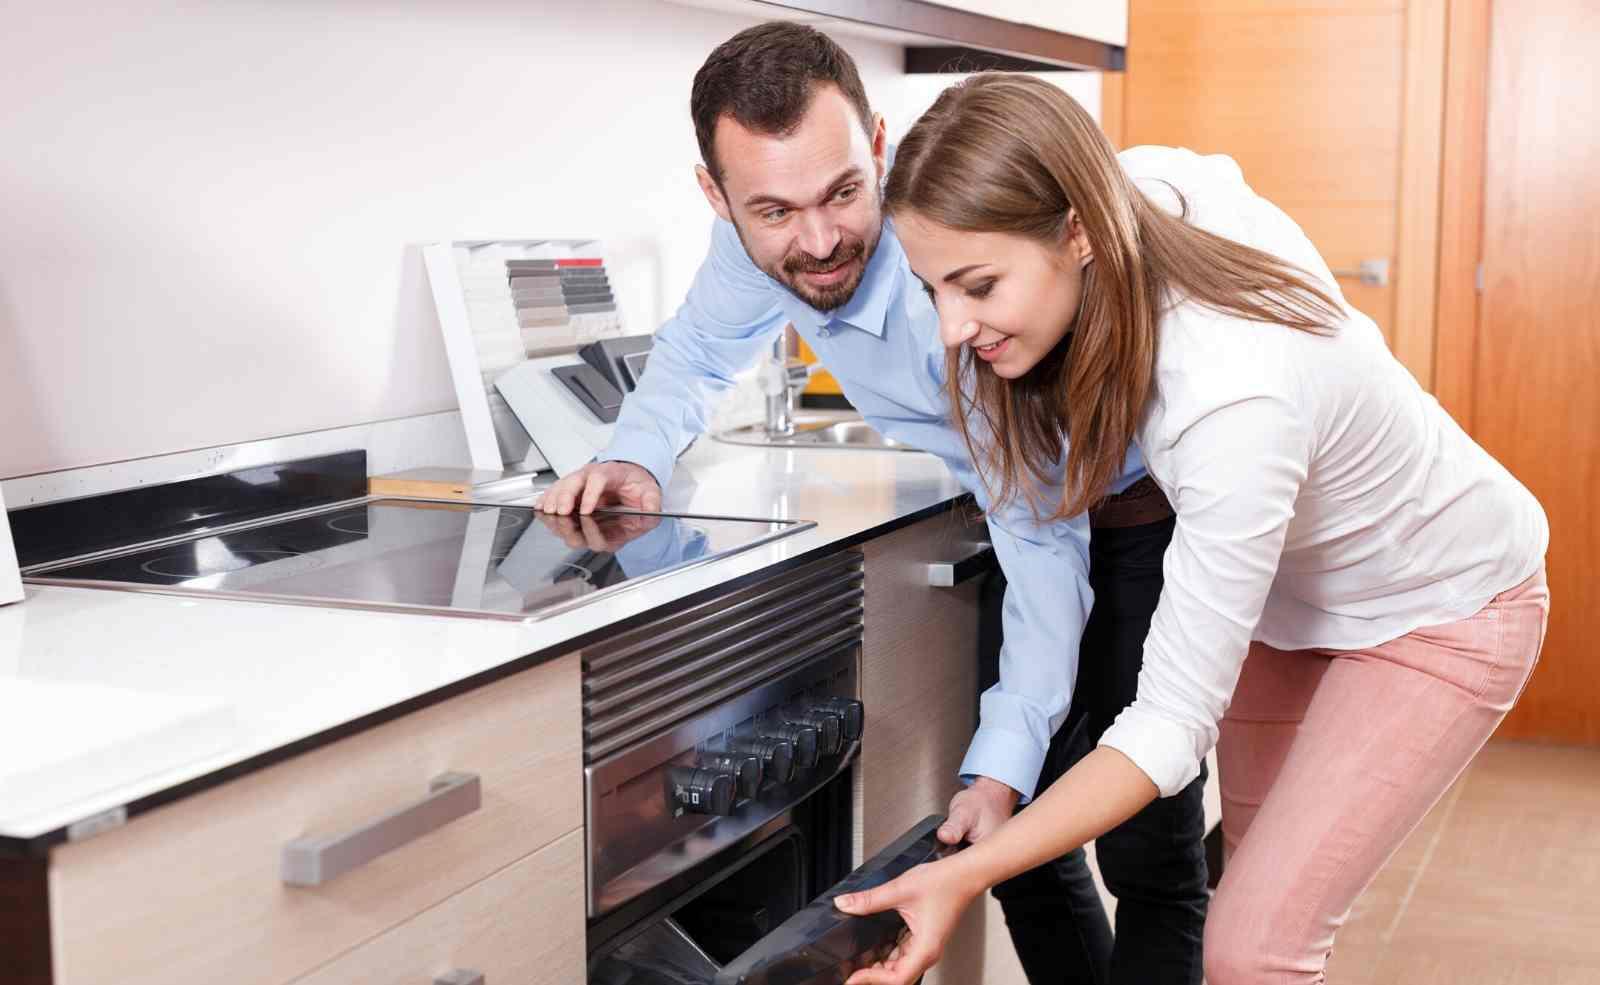 Elektrogeräte für die Küche günstig kaufen: Tipps für die Küchenplanung